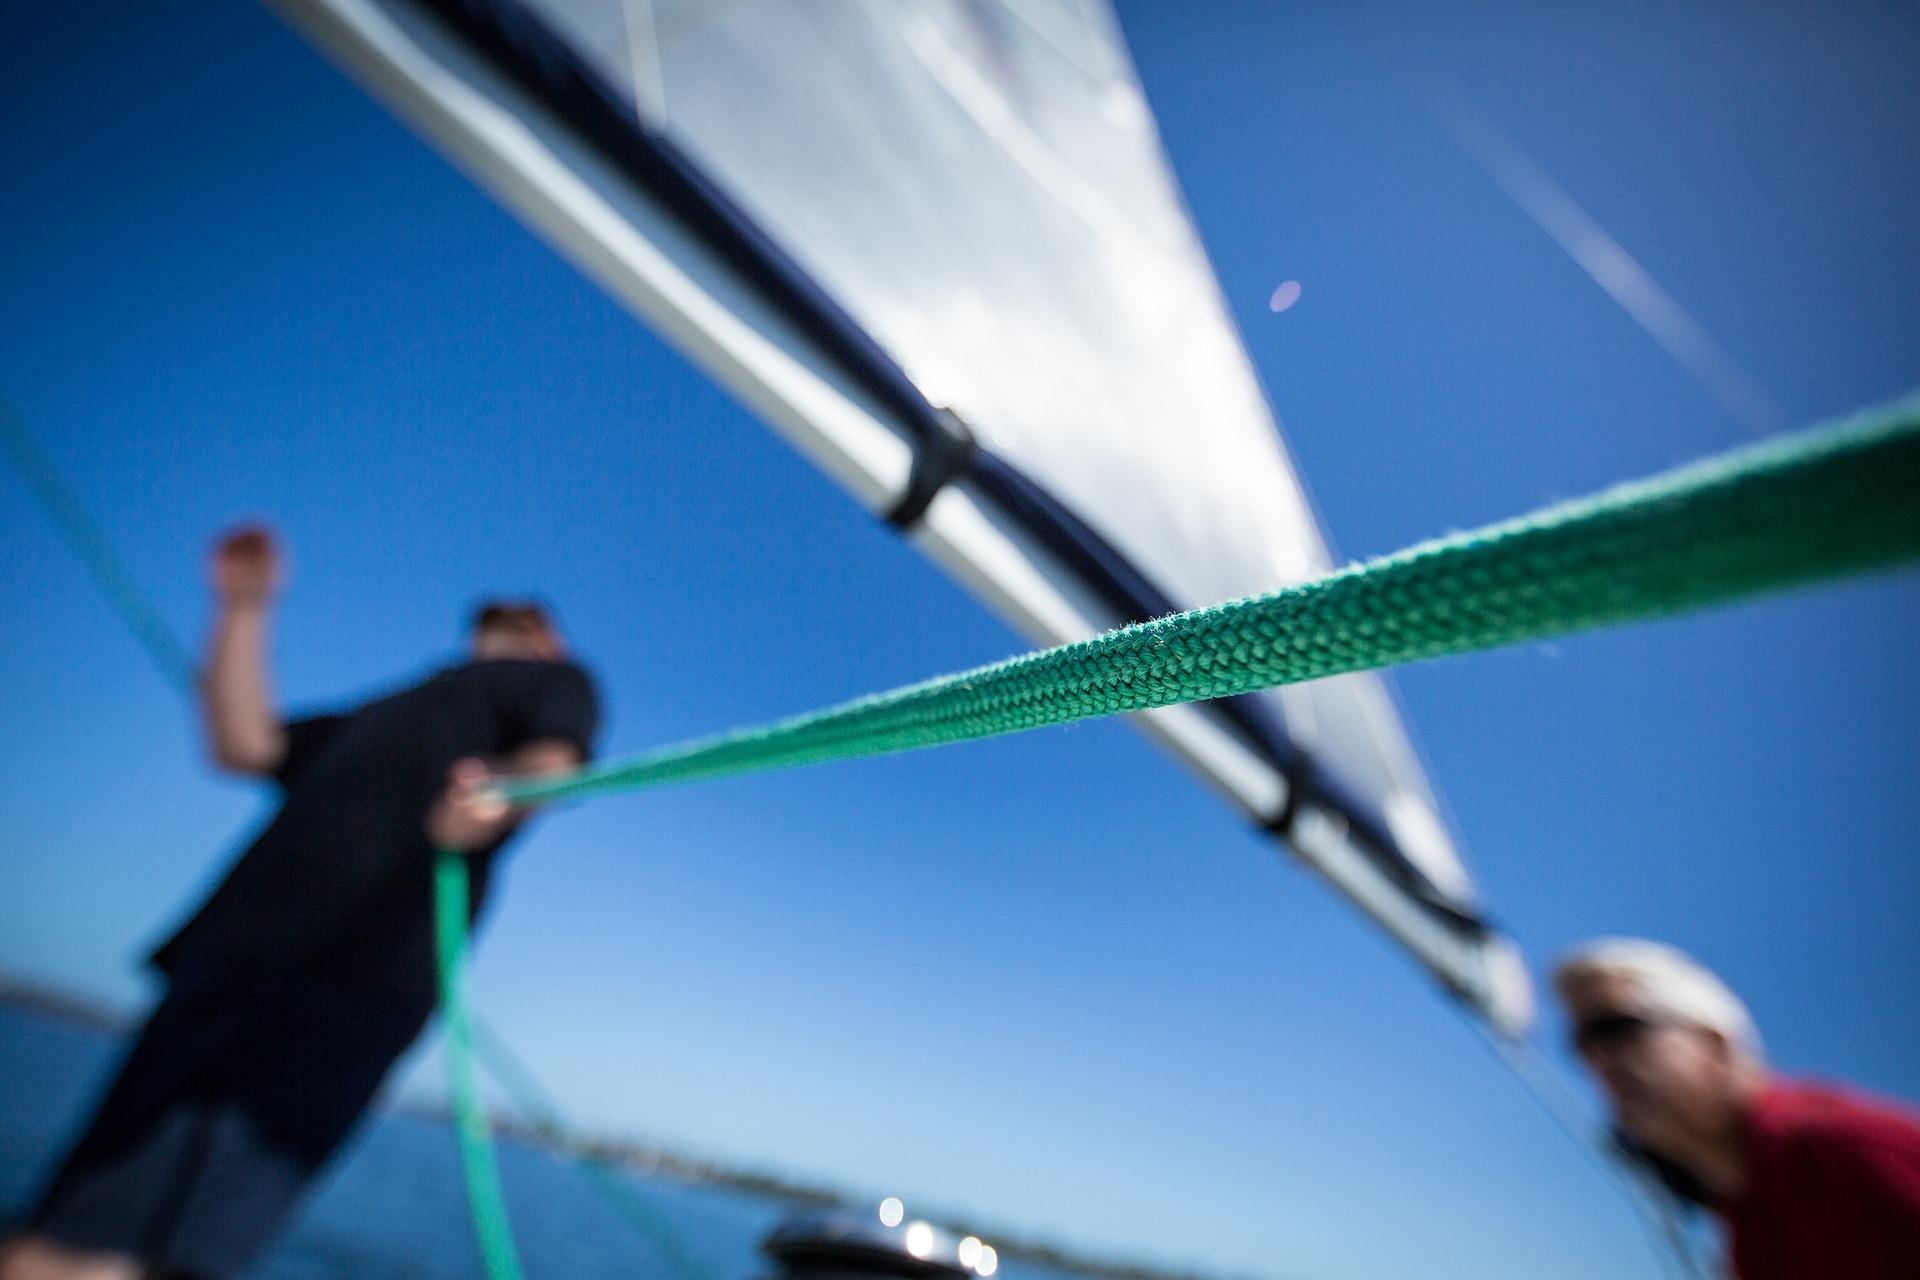 sailing-690289_1920.jpg